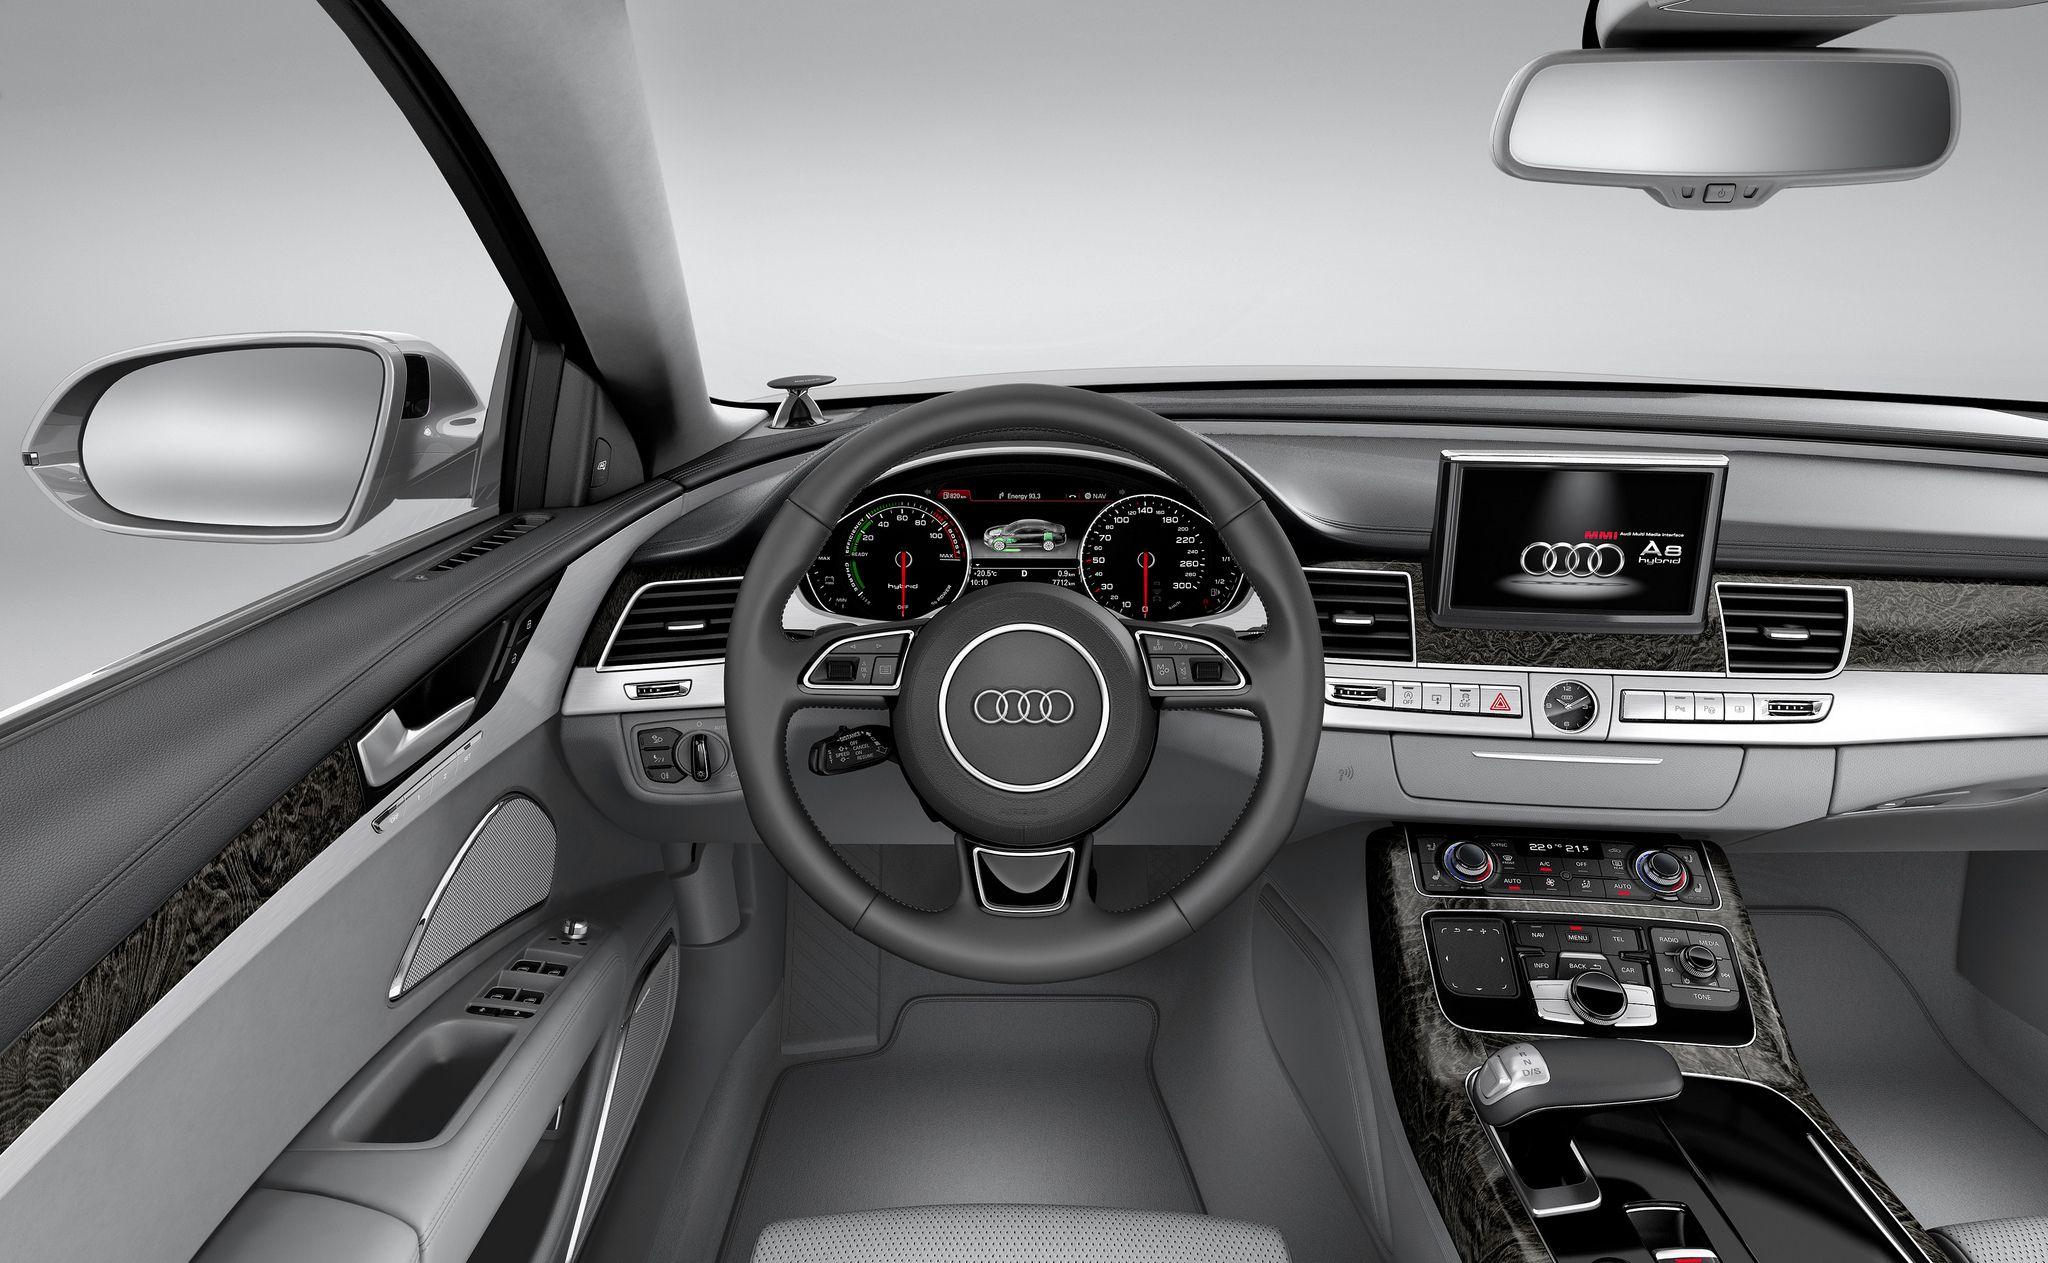 Audi A8 hybrid Audi a8, Audi s5, Audi